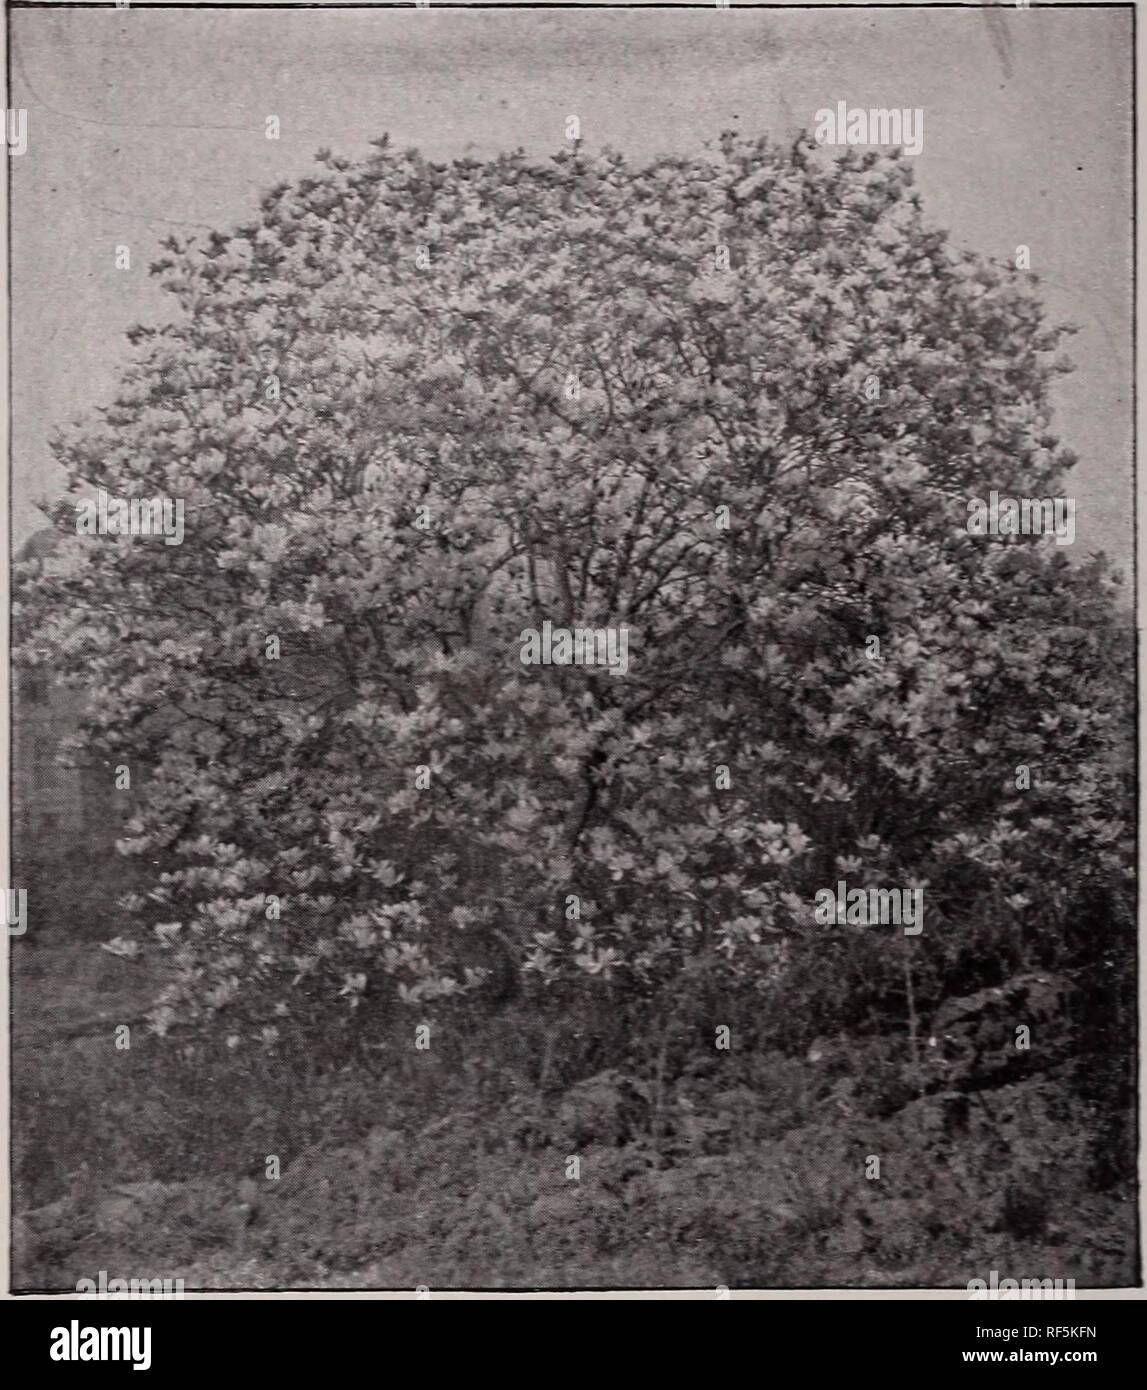 Katalog Der Obst Und Zierbäume Kleine Früchte Sträucher